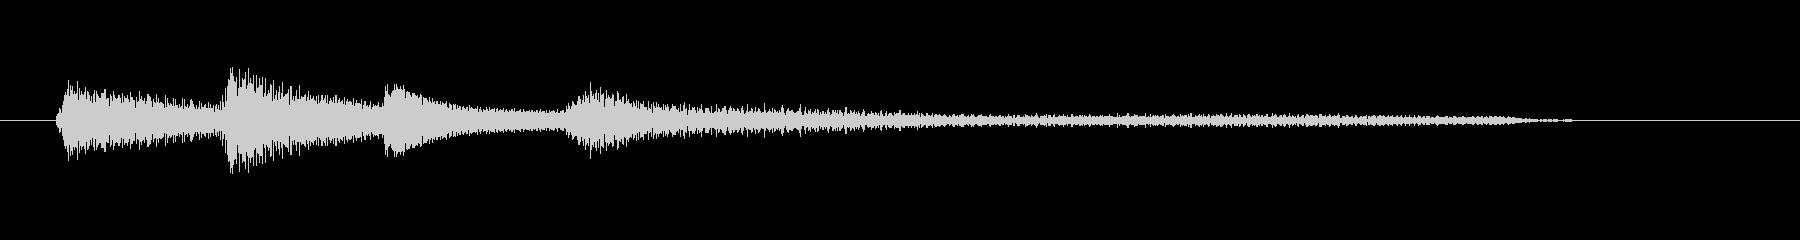 チャプター・場面転換等にピアノジングルKの未再生の波形